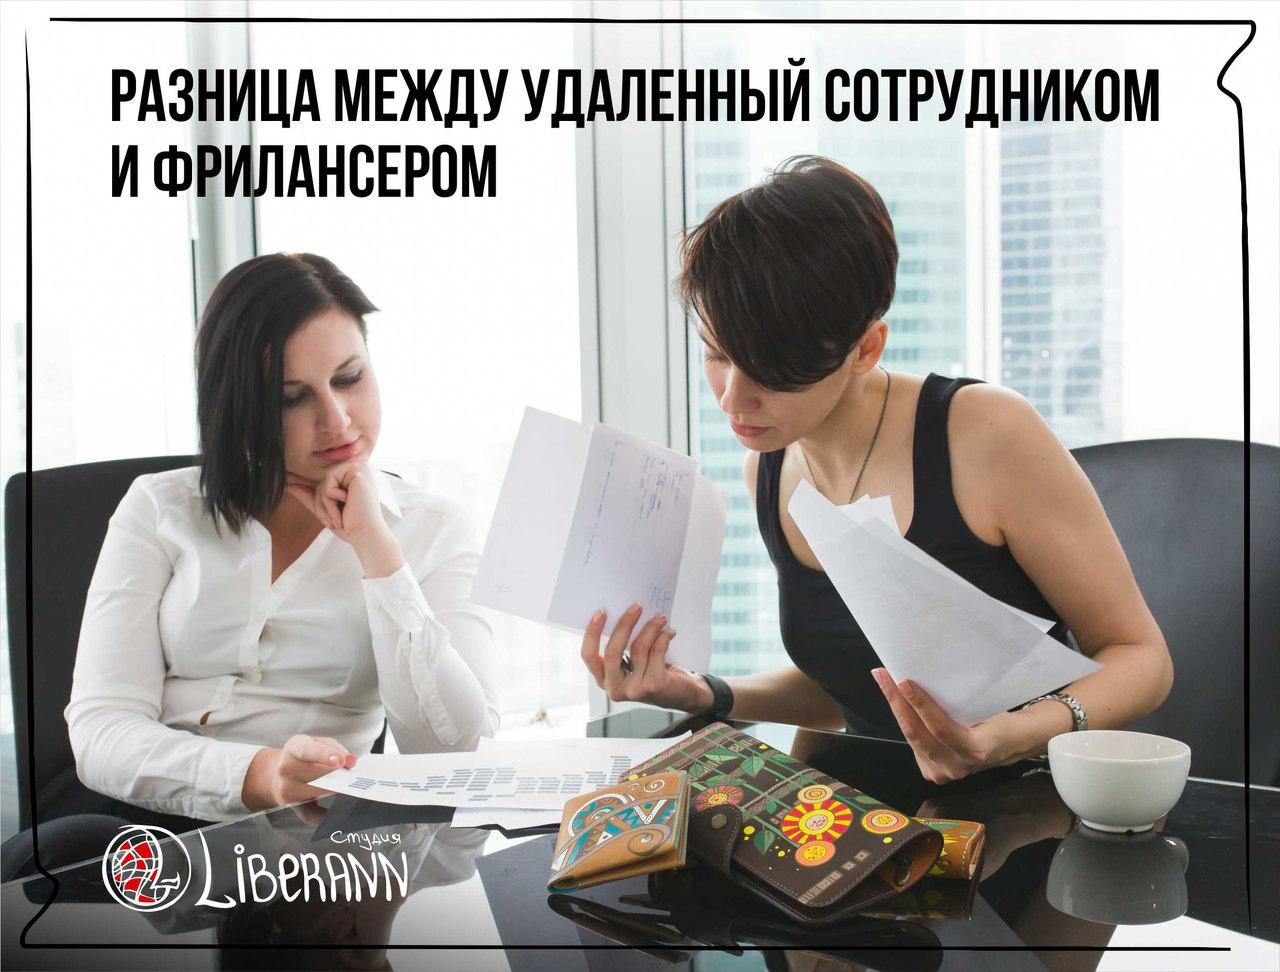 Фриланс vs Удаленный сотрудник: преимущества и недостатки работы онлайн